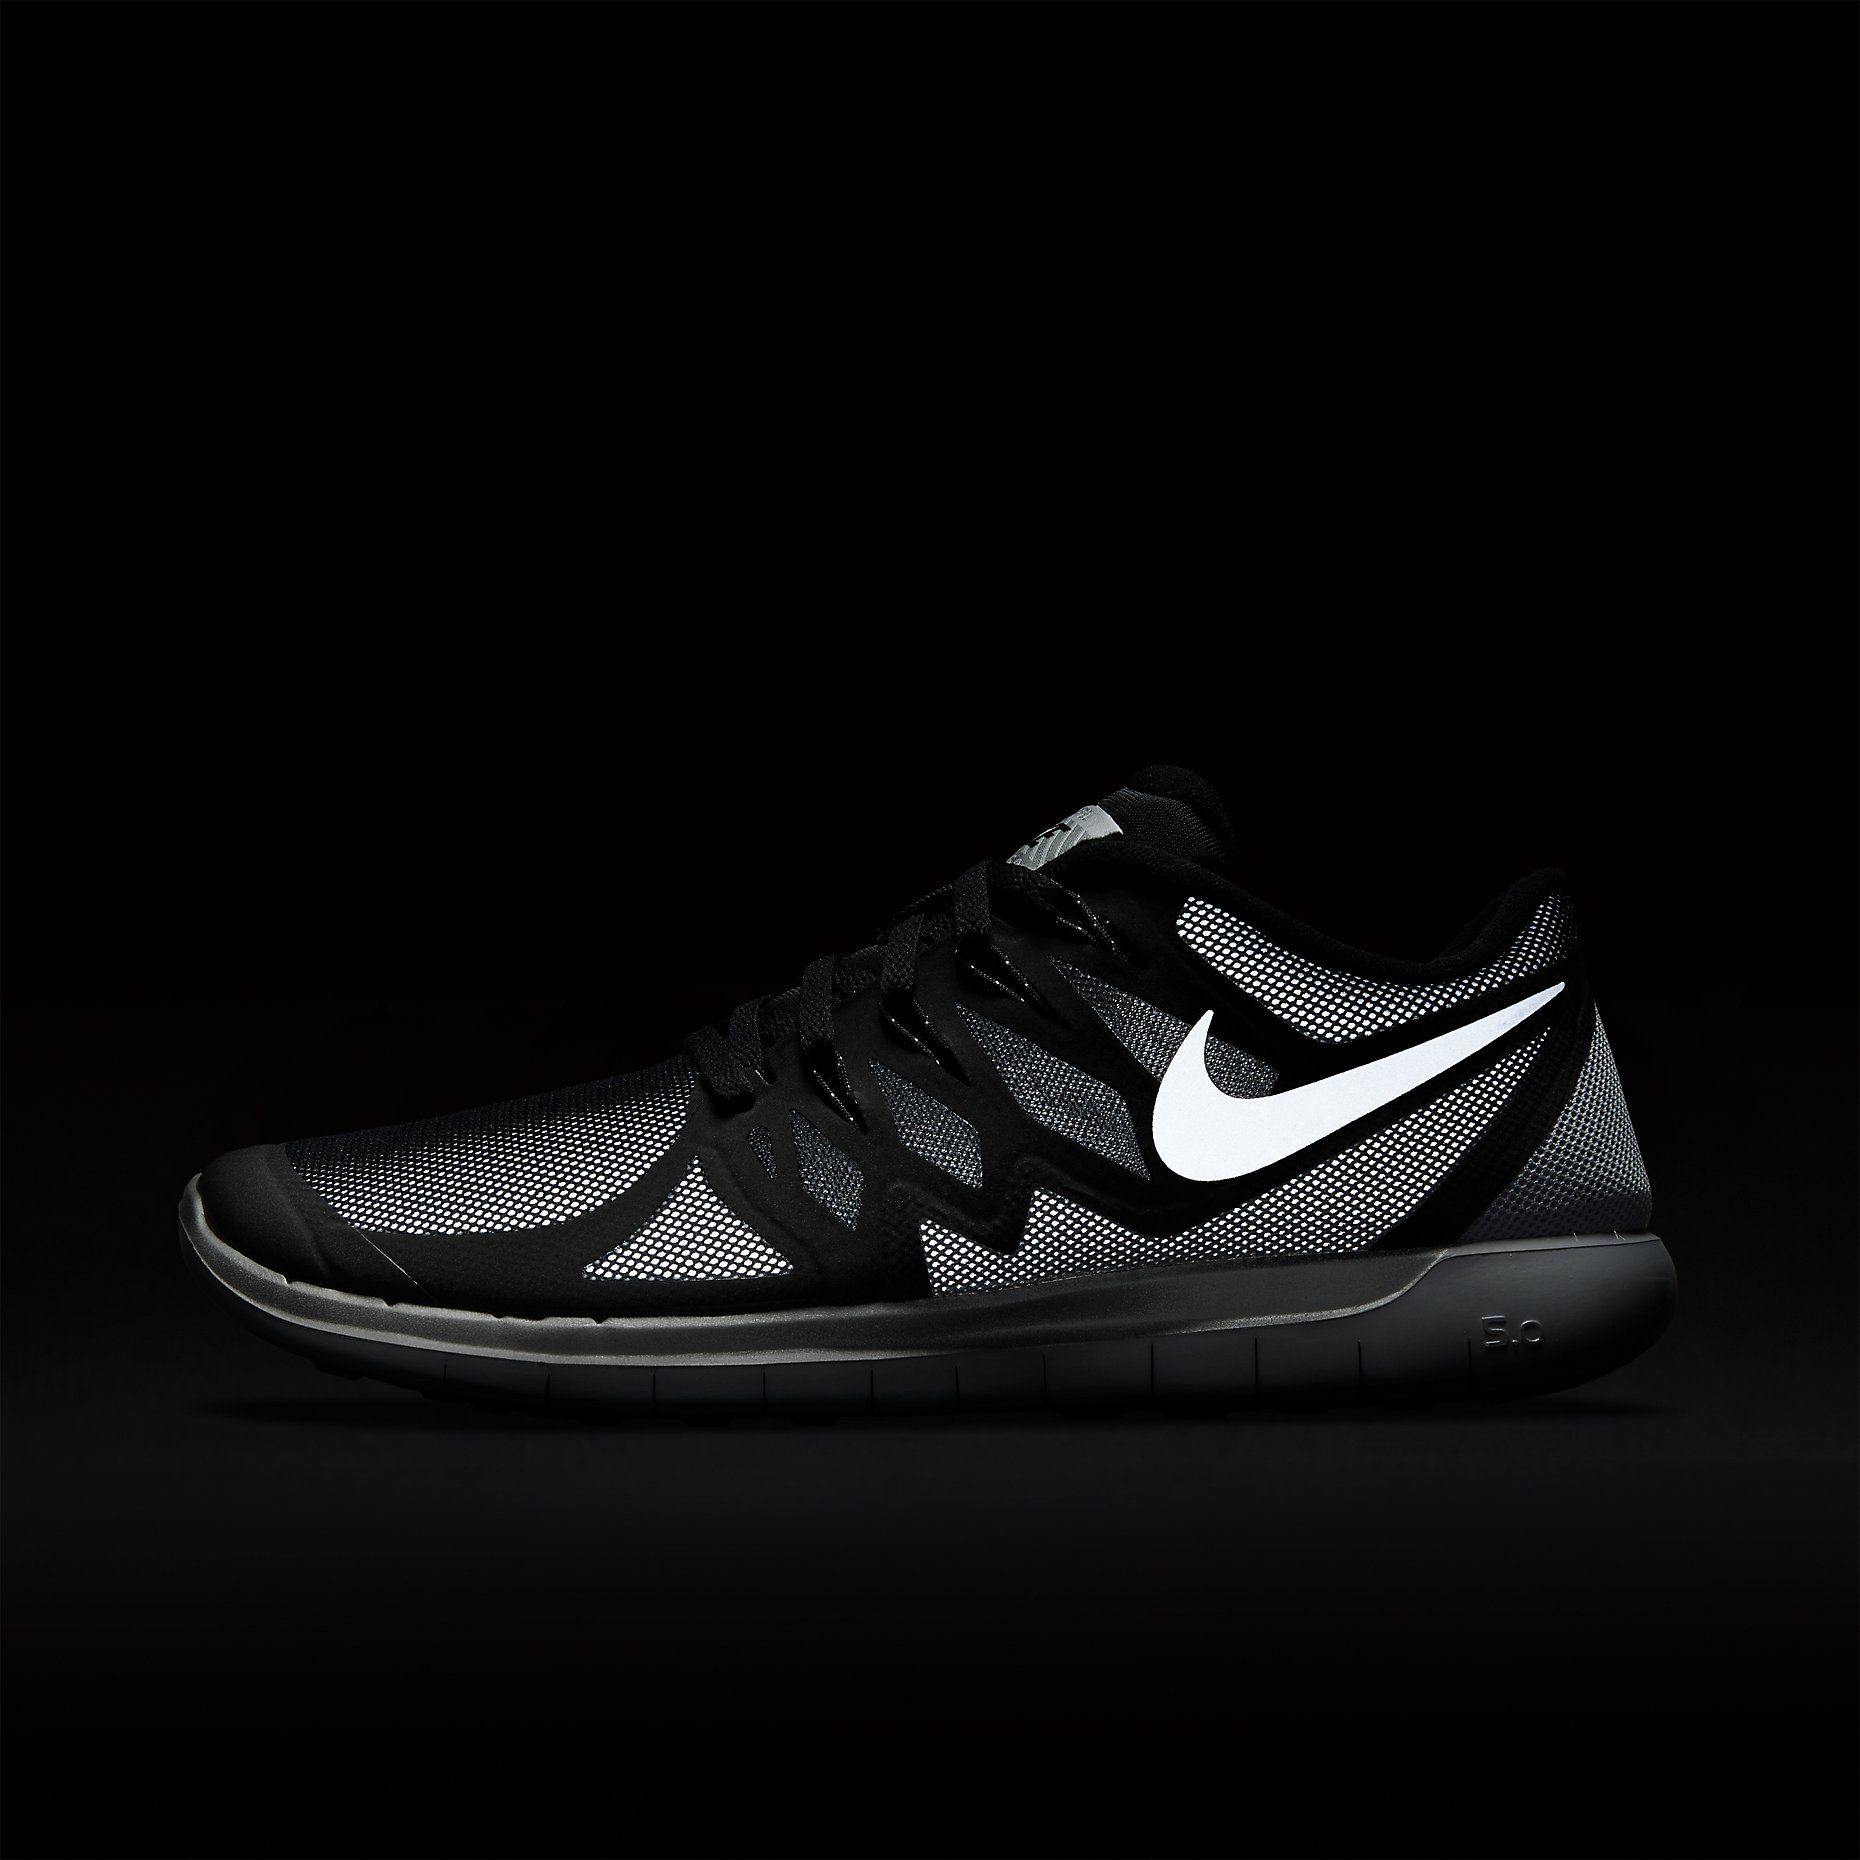 Corte donde quiera Generosidad  The Nike Free 5.0 Flash Women's Running Shoe. | Womens running shoes, Nike,  Shoes